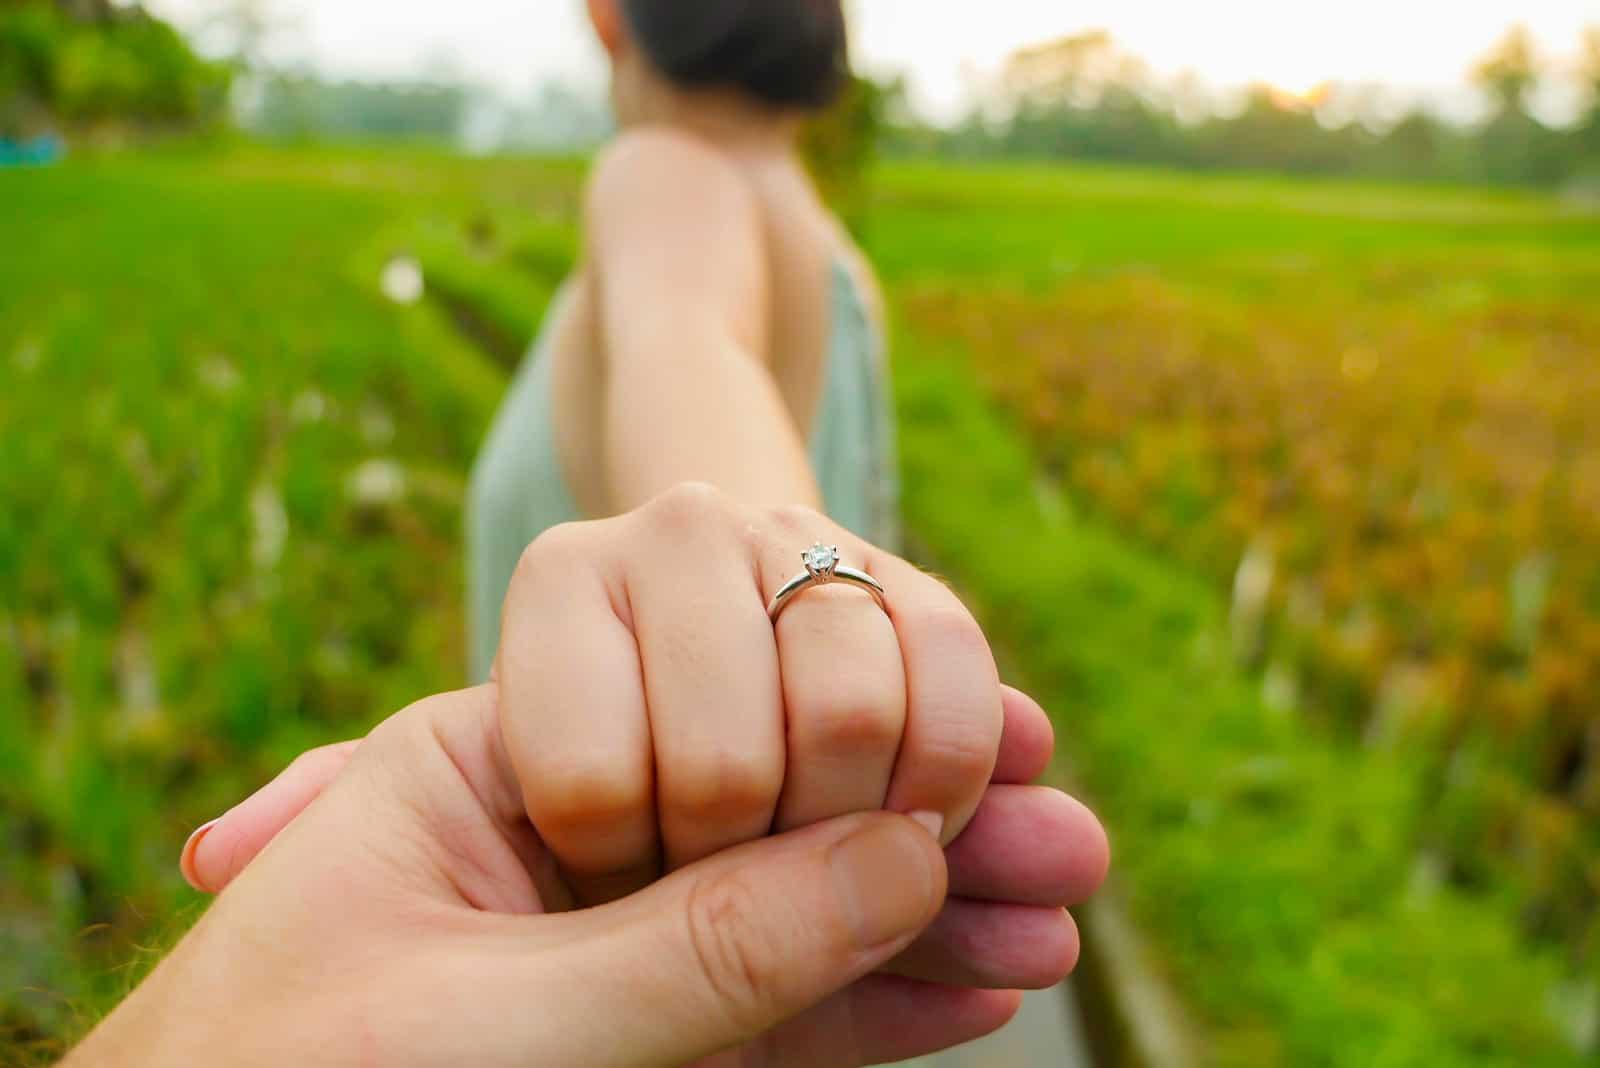 Mann, der glückliche Verlobte Hand mit Diamant-Verlobungsring hält